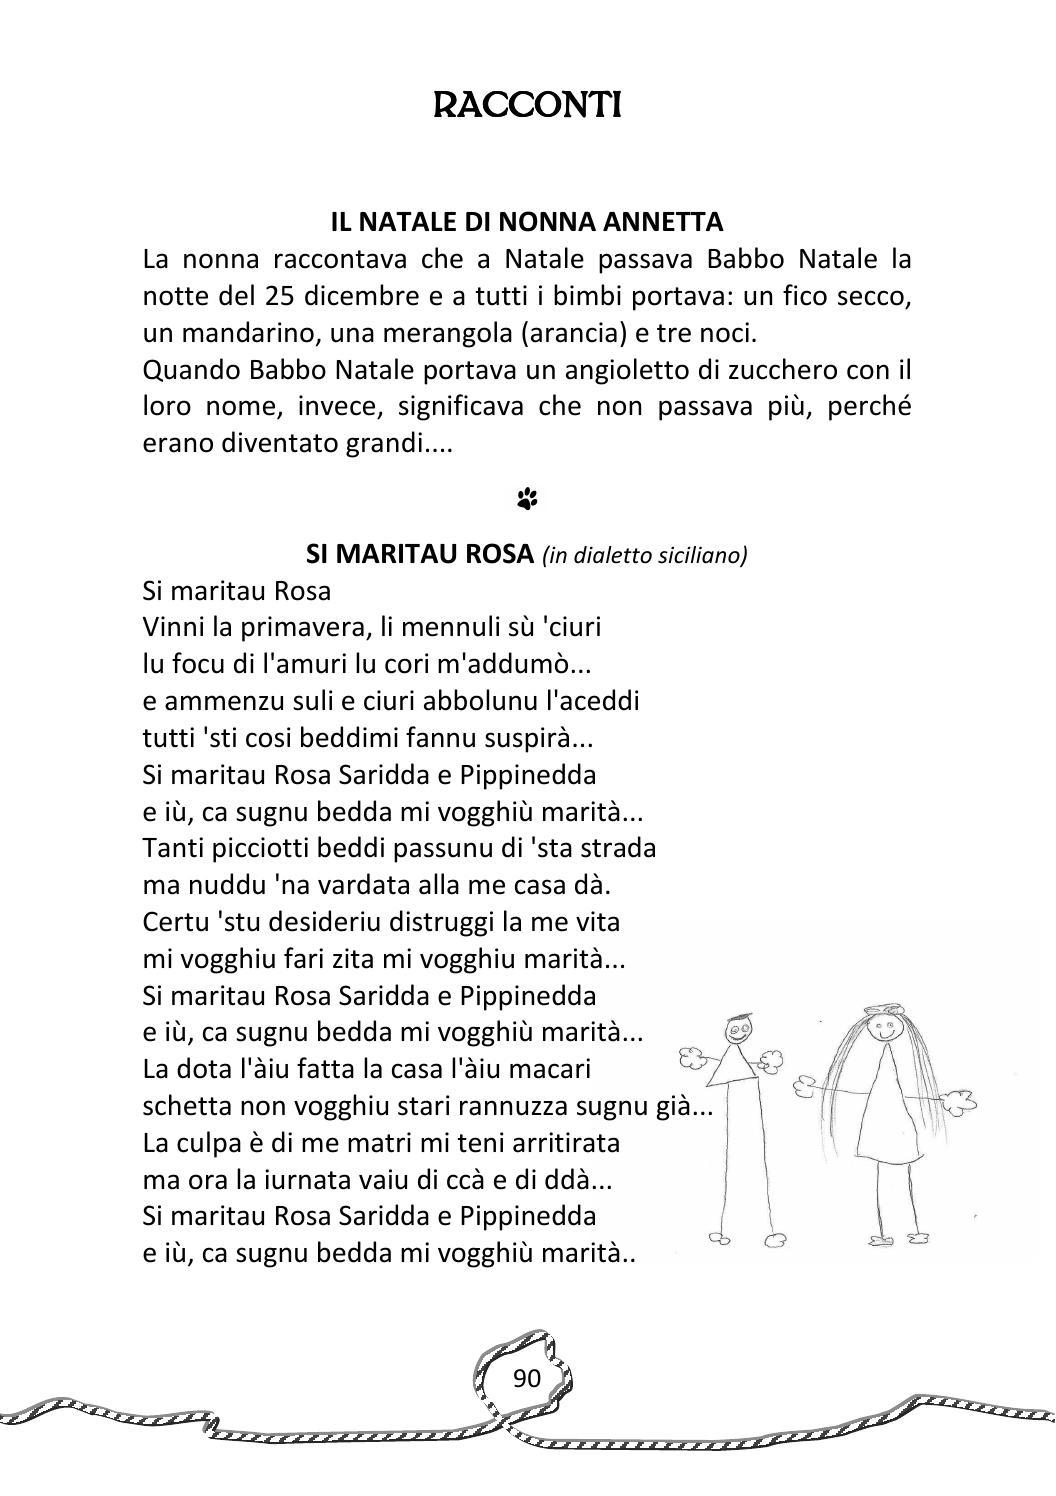 Poesie Di Natale In Dialetto Siciliano Per Bambini.I Nonni Raccontano By Cesvol Umbria Centro Servizi